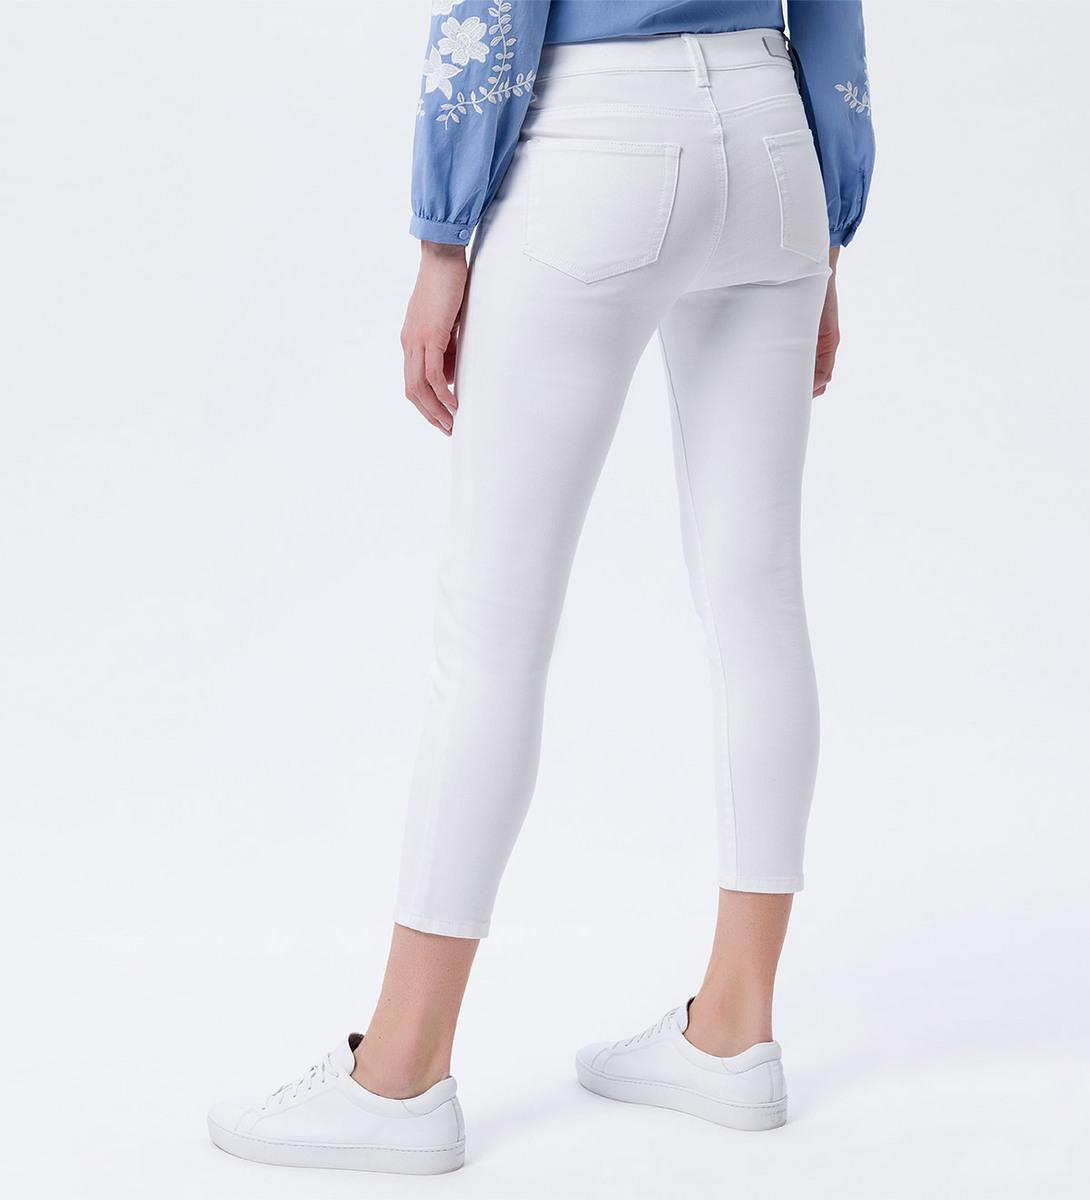 Jeans in unifarbener Optik in white